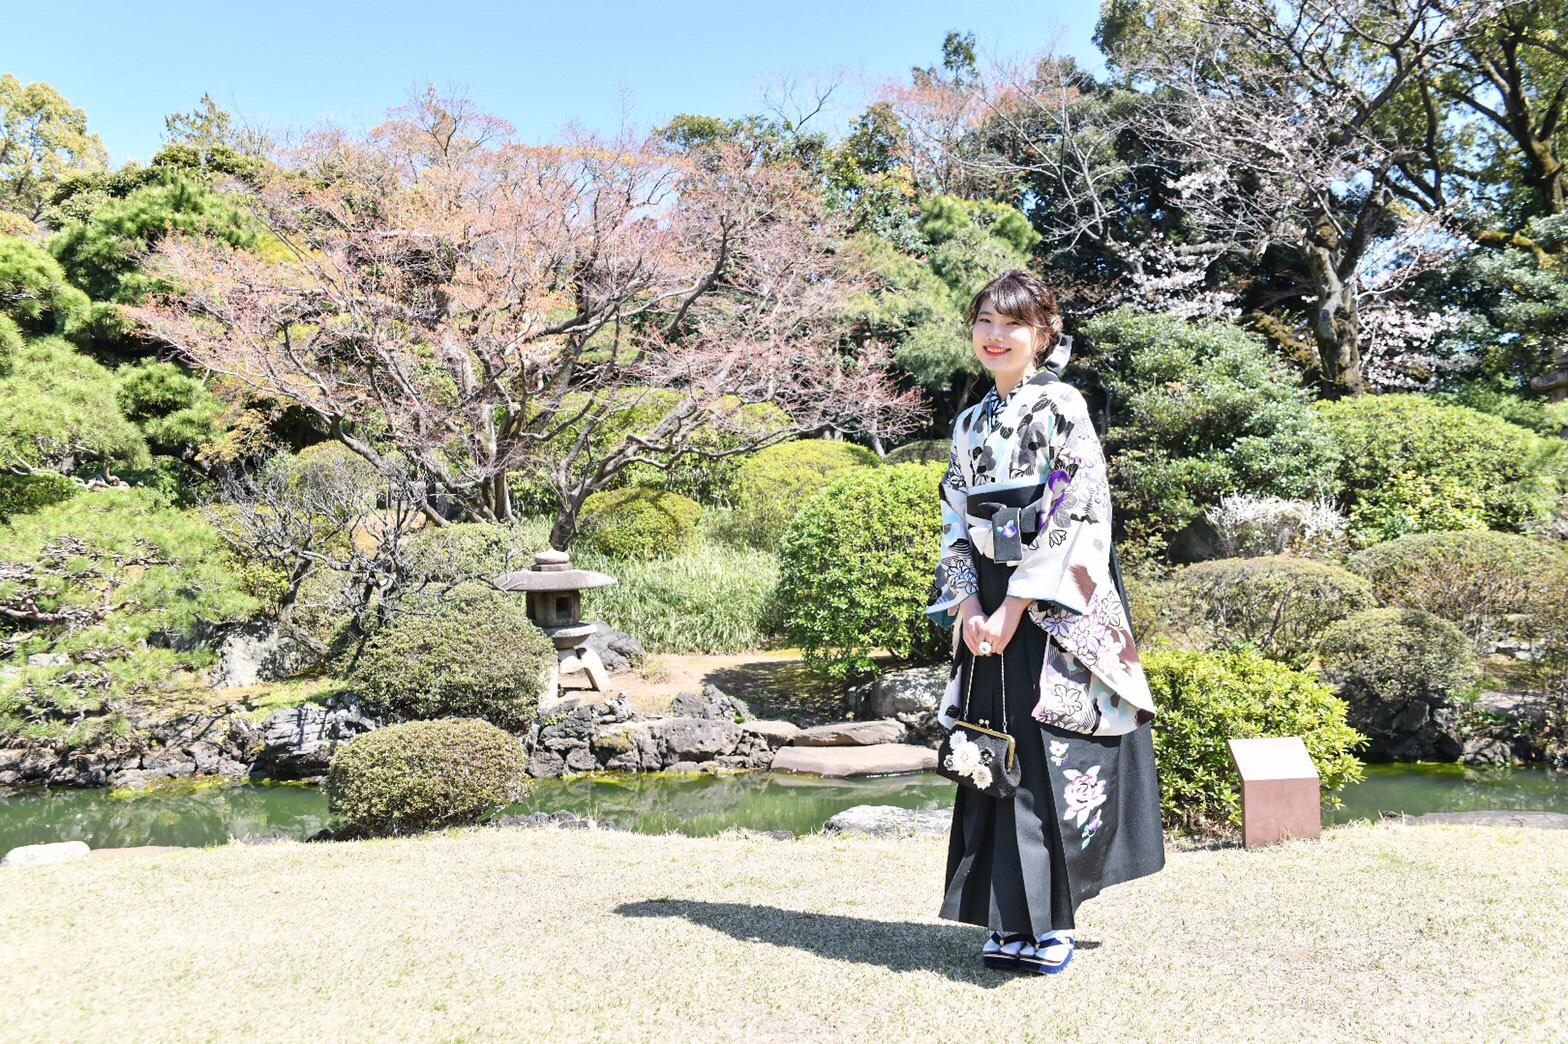 素敵な袴を着ることができていい思い出になりました!